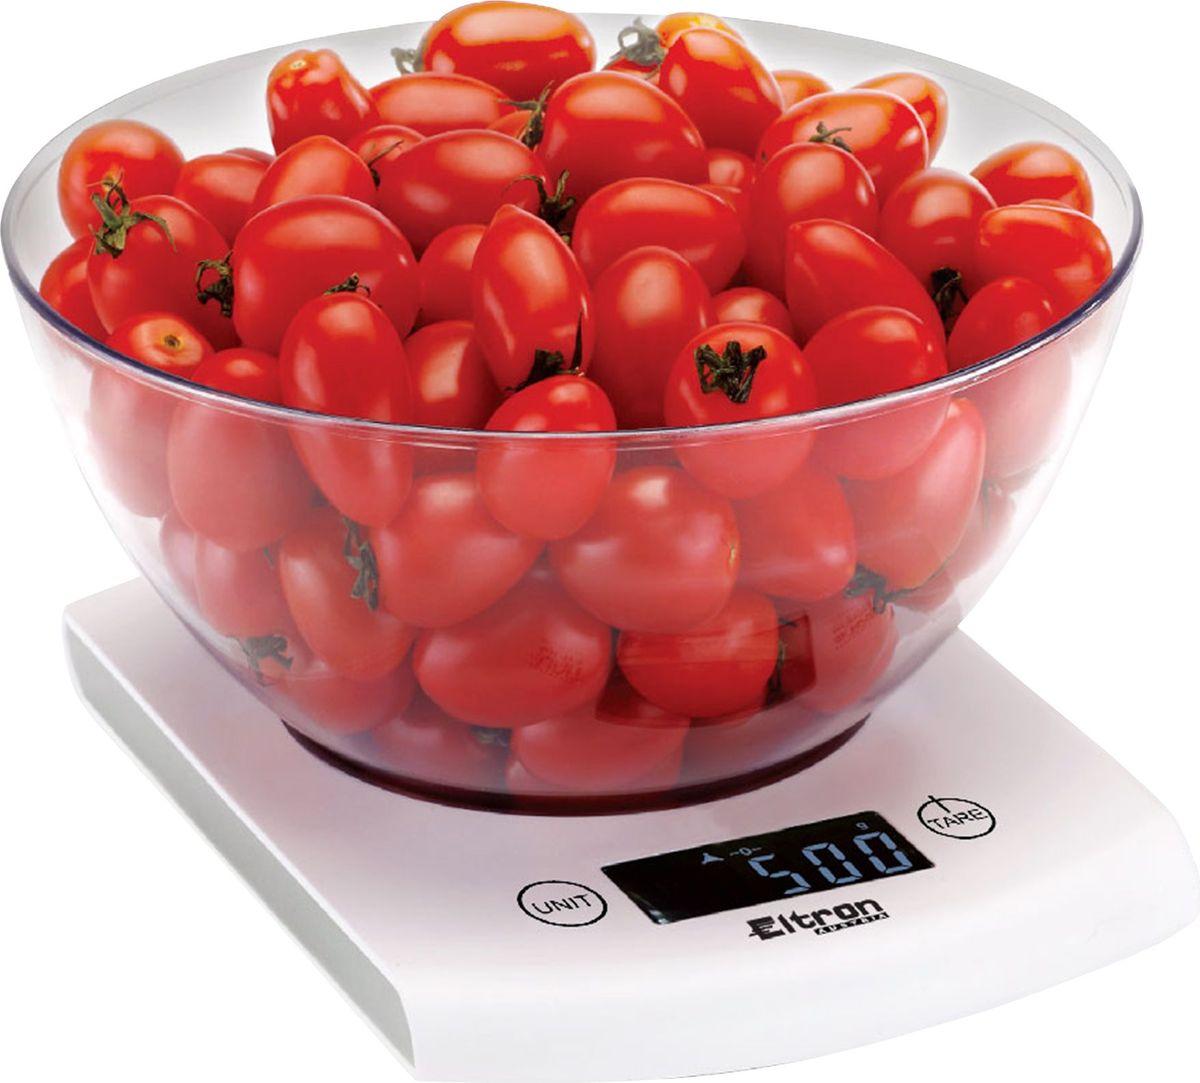 Весы кухонные Eltron, электронные, цвет: белый, до 5 кг. 9262ELVT-8016(CA)Электронные кухонные весы. Современный дизайн. Двухкнопочный механизм. ЖК-дисплей. Съемная прозрачная чаша. Максимальный вес - 5 кг. Показывает вес в унциях, фунтах, гр, мл.2х1,5В ААА батарея входит в комплект.